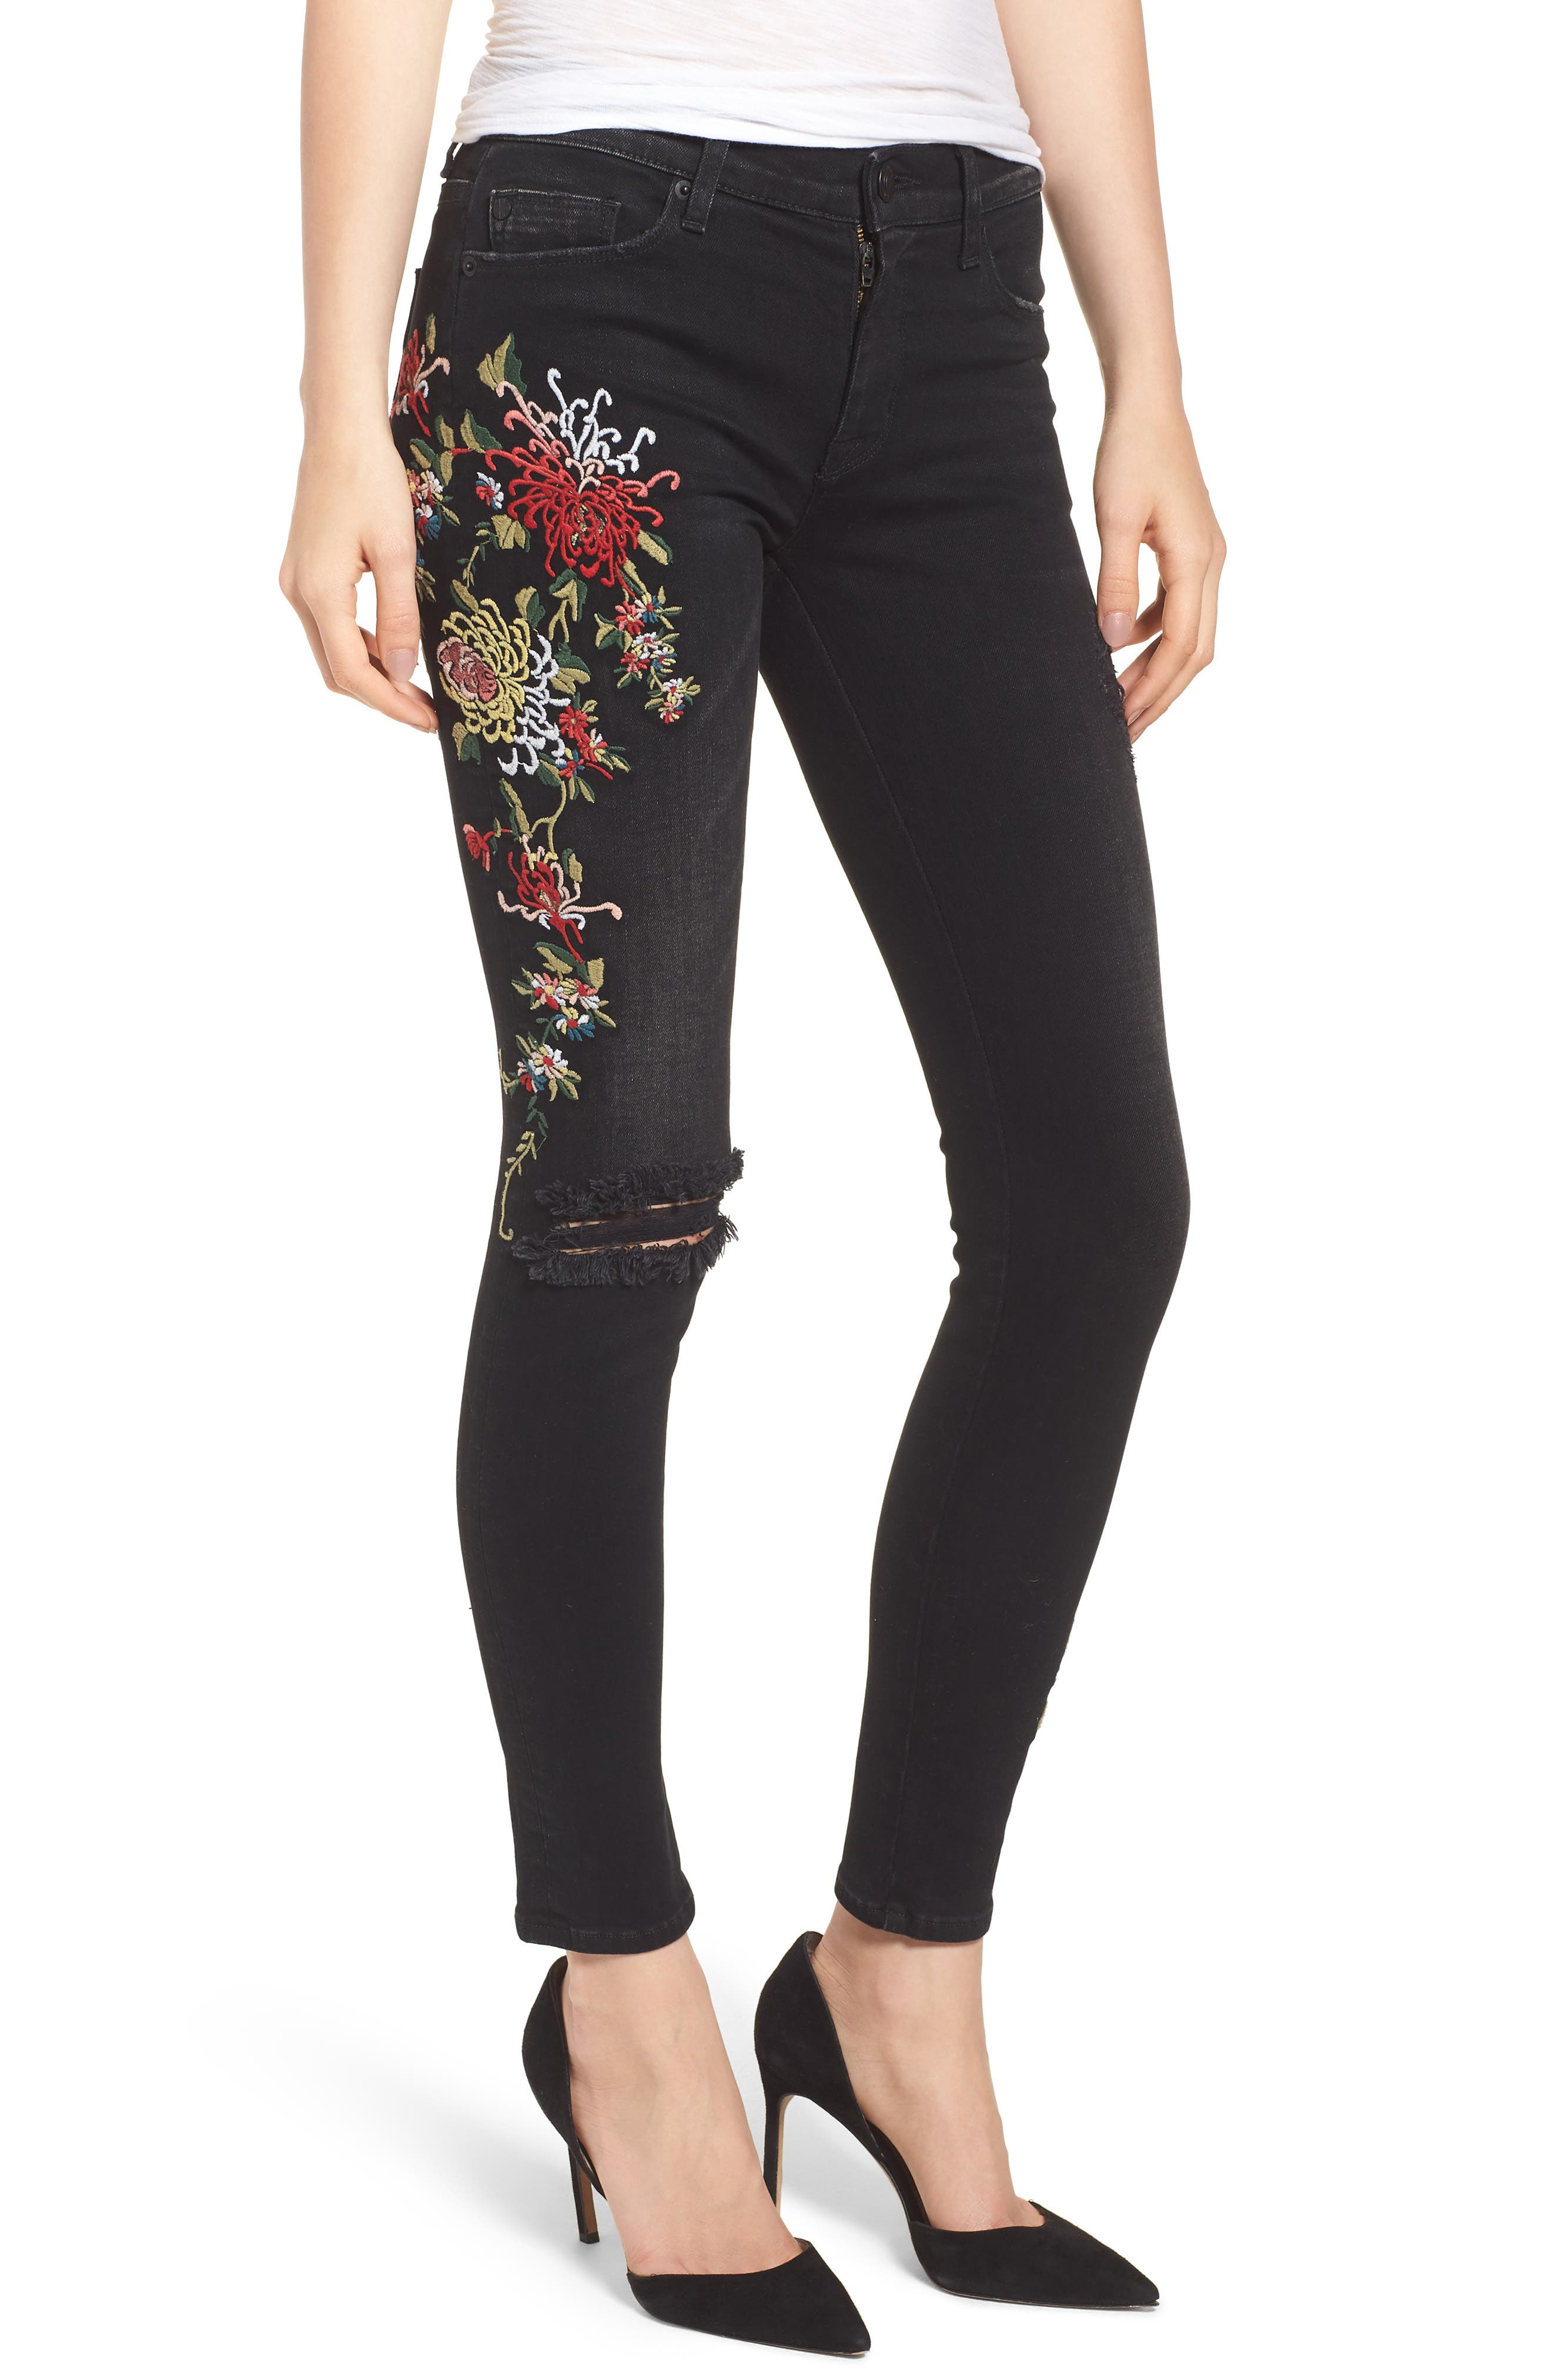 Nico Ankle Skinny Jeans,                             Main thumbnail 1, color,                             NOIR FLORET